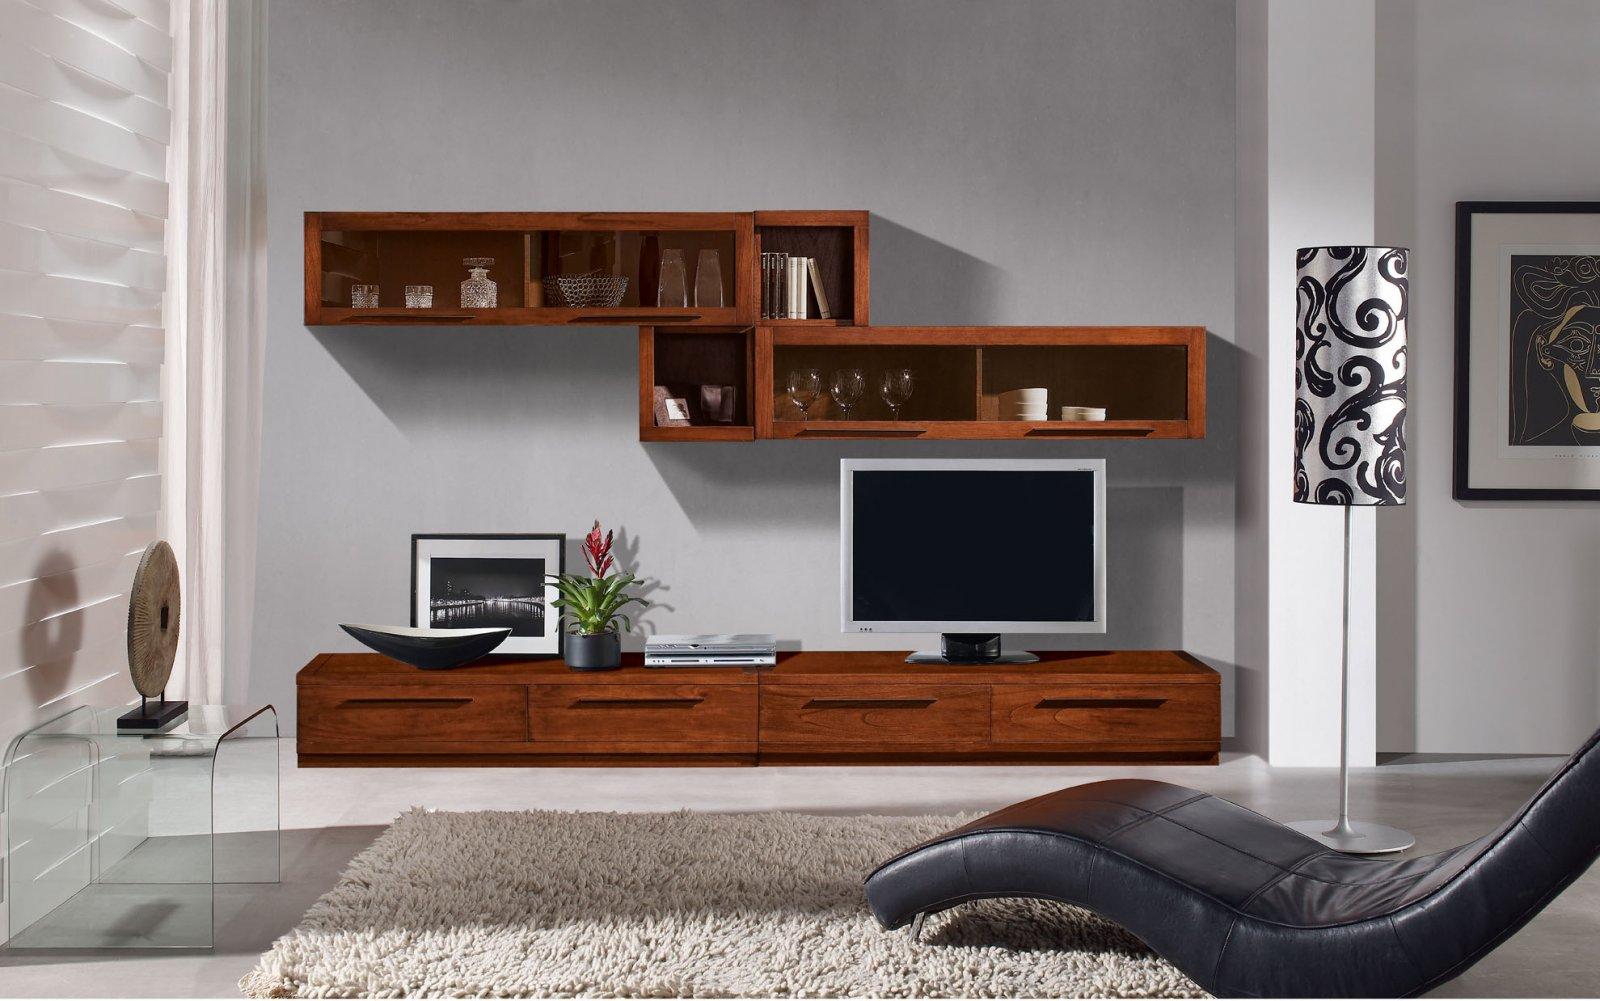 Decoraci n de apartamentos grandes for Web de decoracion de interiores